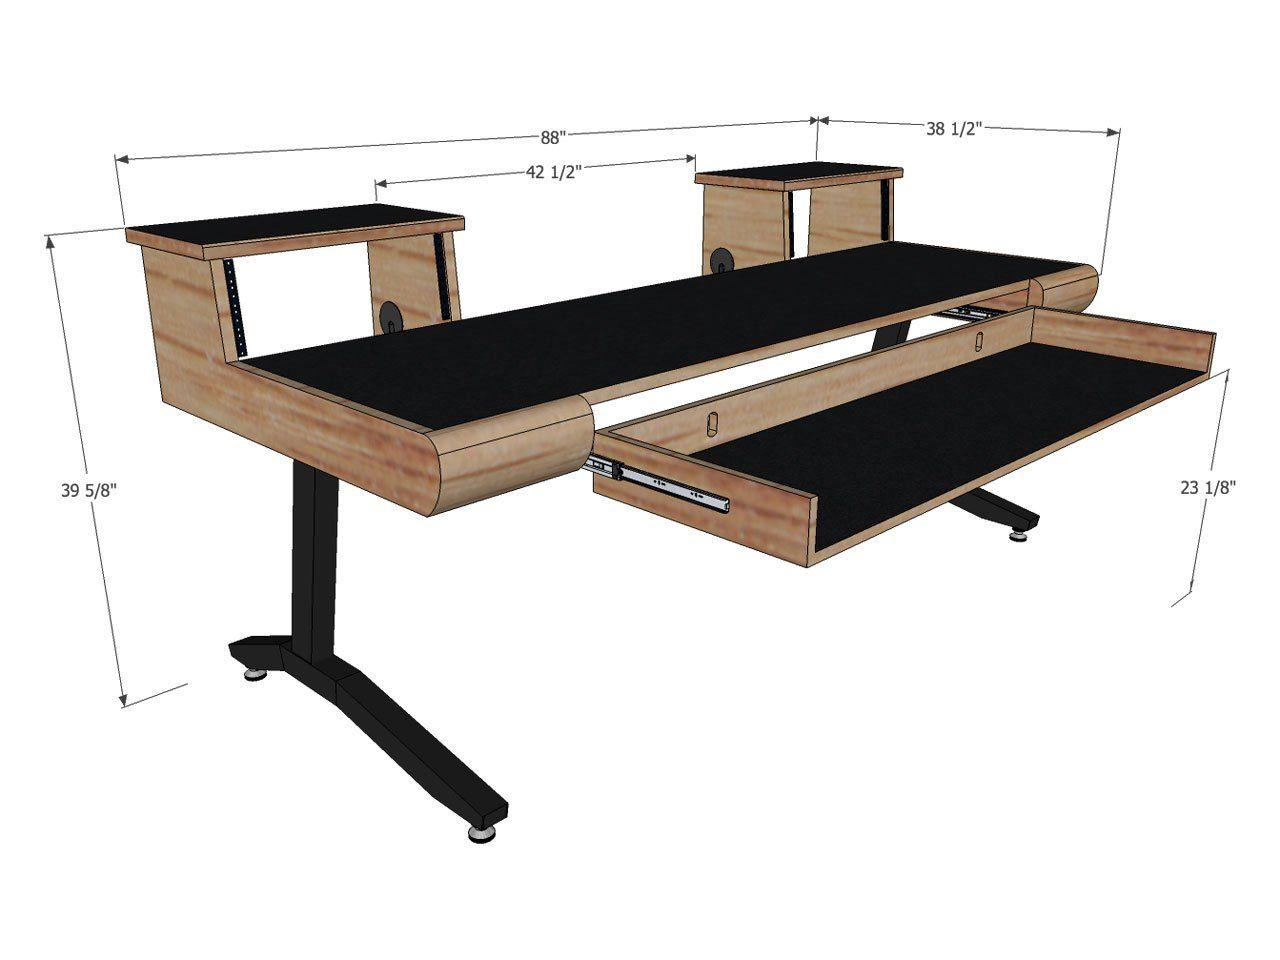 scs keyboard desks 88 key in 2018 materials pinterest studio desk desk and studio. Black Bedroom Furniture Sets. Home Design Ideas